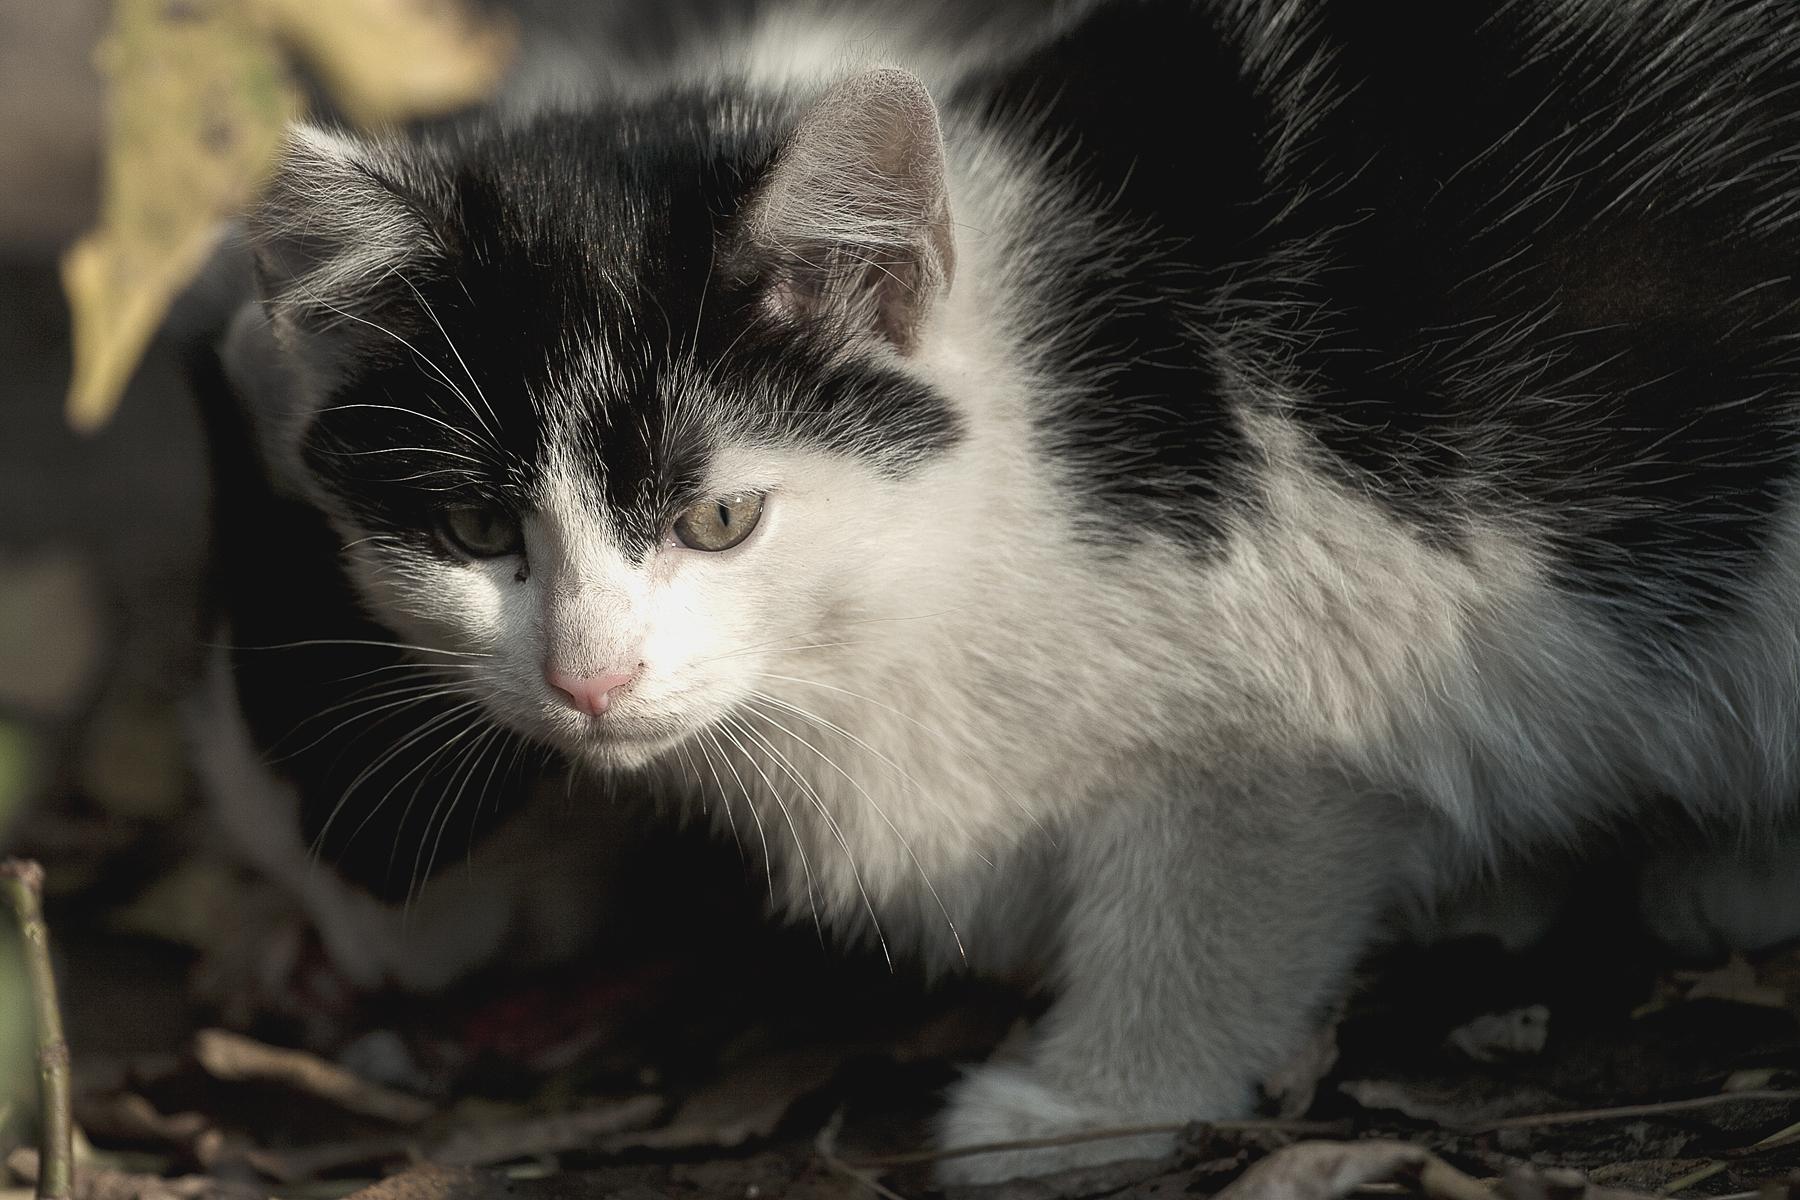 Kitten Via @Atisgailis